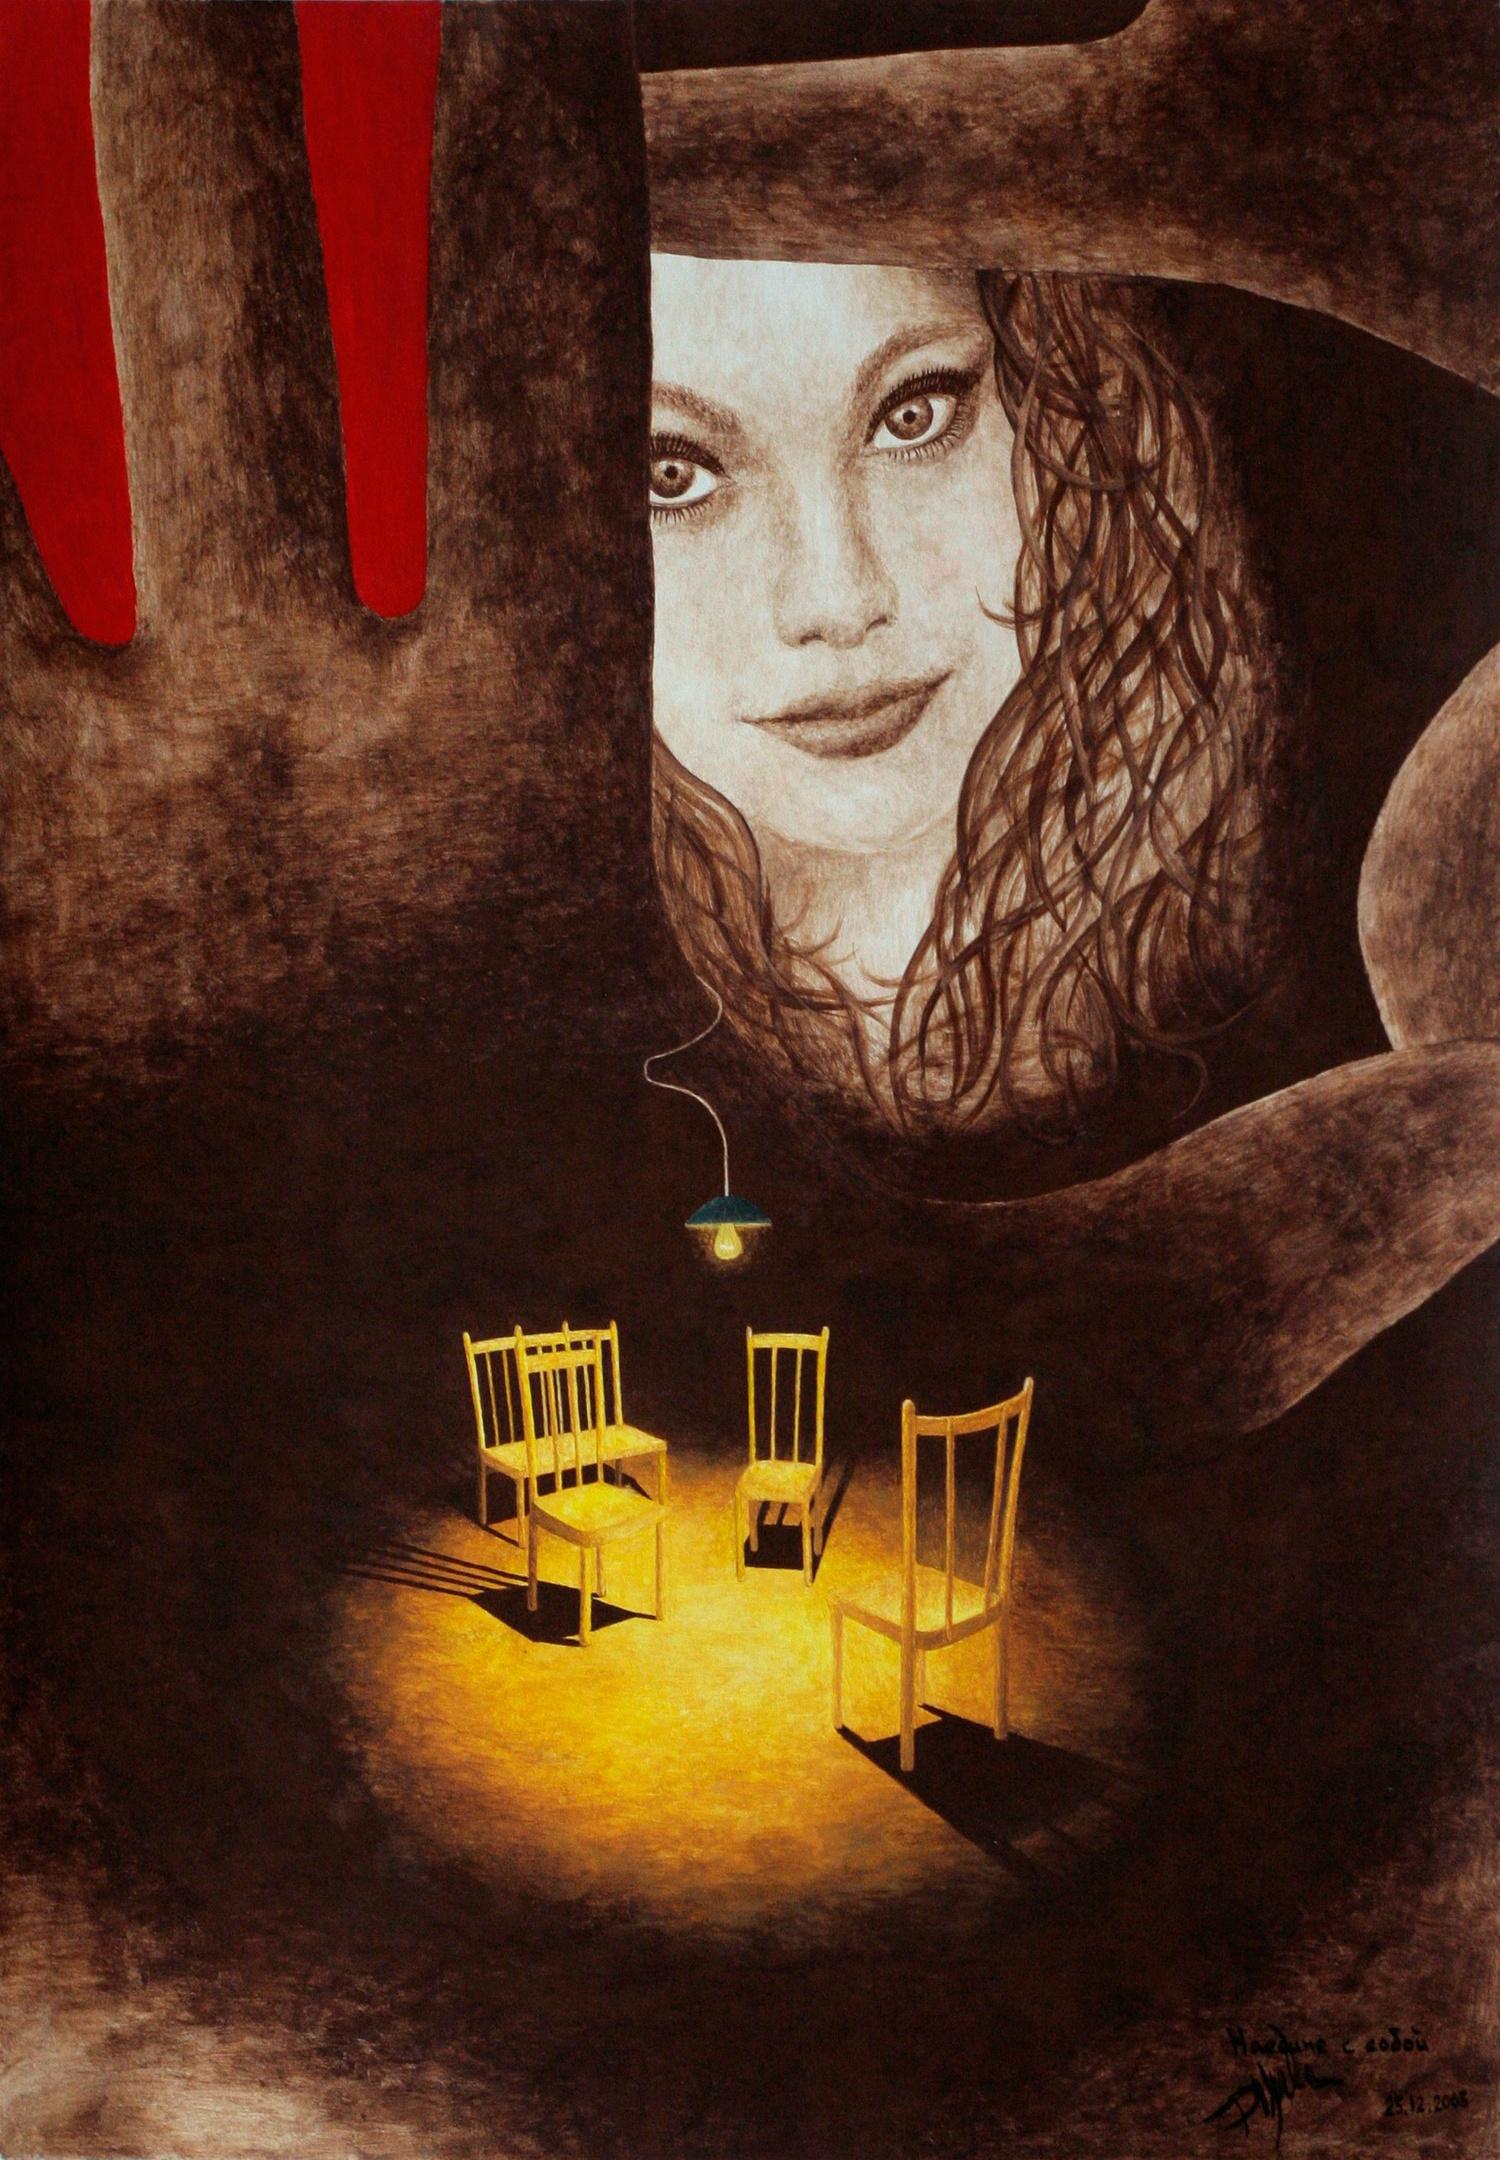 Наедине с собой. Лицо девушки в фокусе, образованном двумя руками. Внизу лампа освещает шесть стульев.